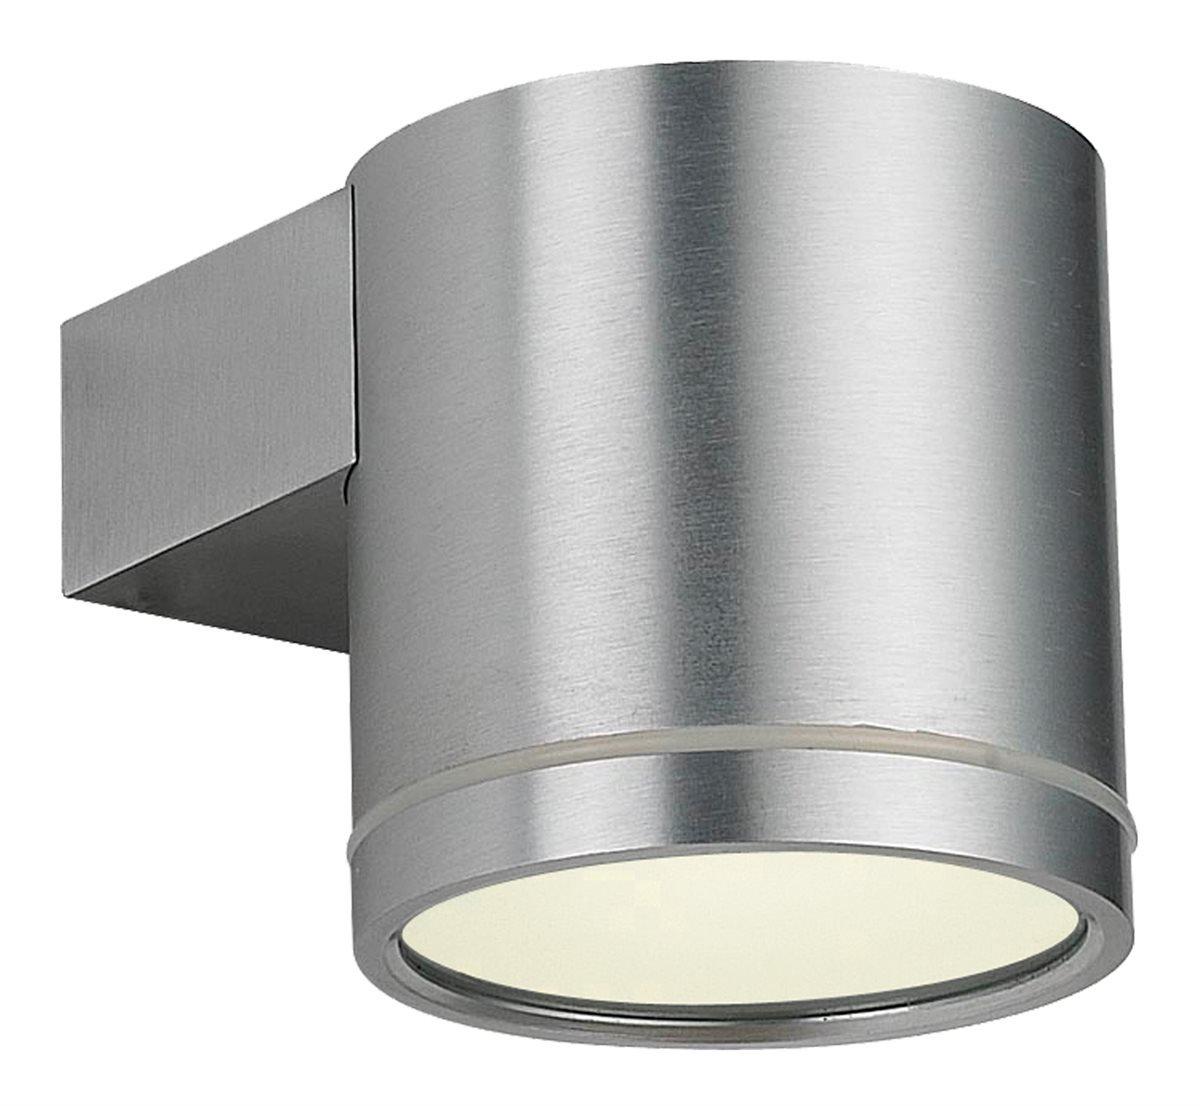 Lampenlux LED Wandlampe Karim Rund IP54 Außenleuchte Aluminium GU10